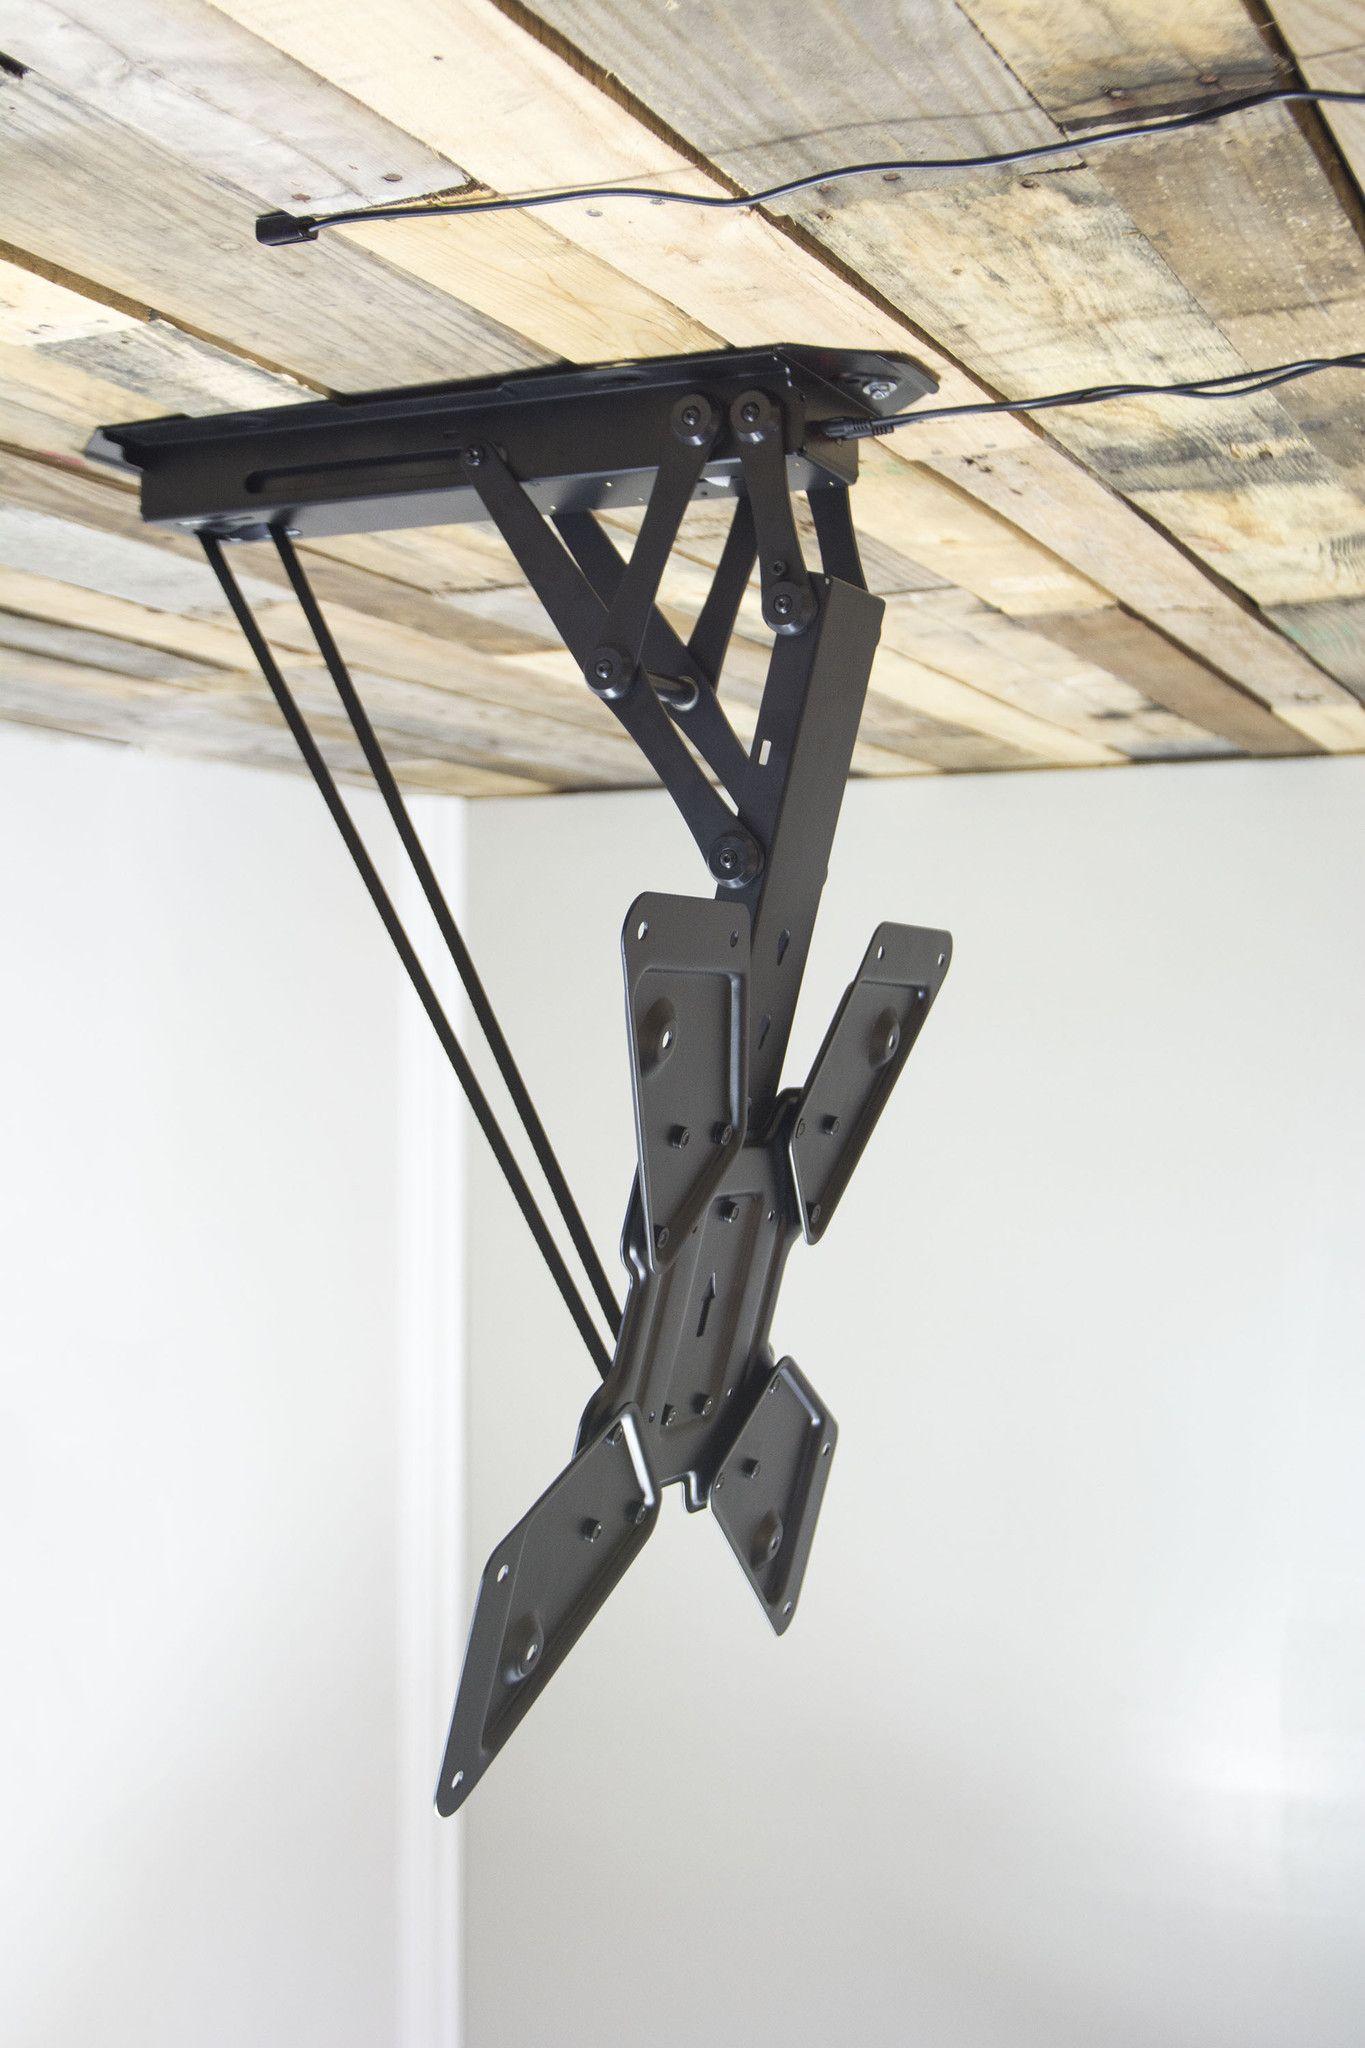 up tv lp sanus en to tvs mounts motion r products um mount b ceiling for full bracket